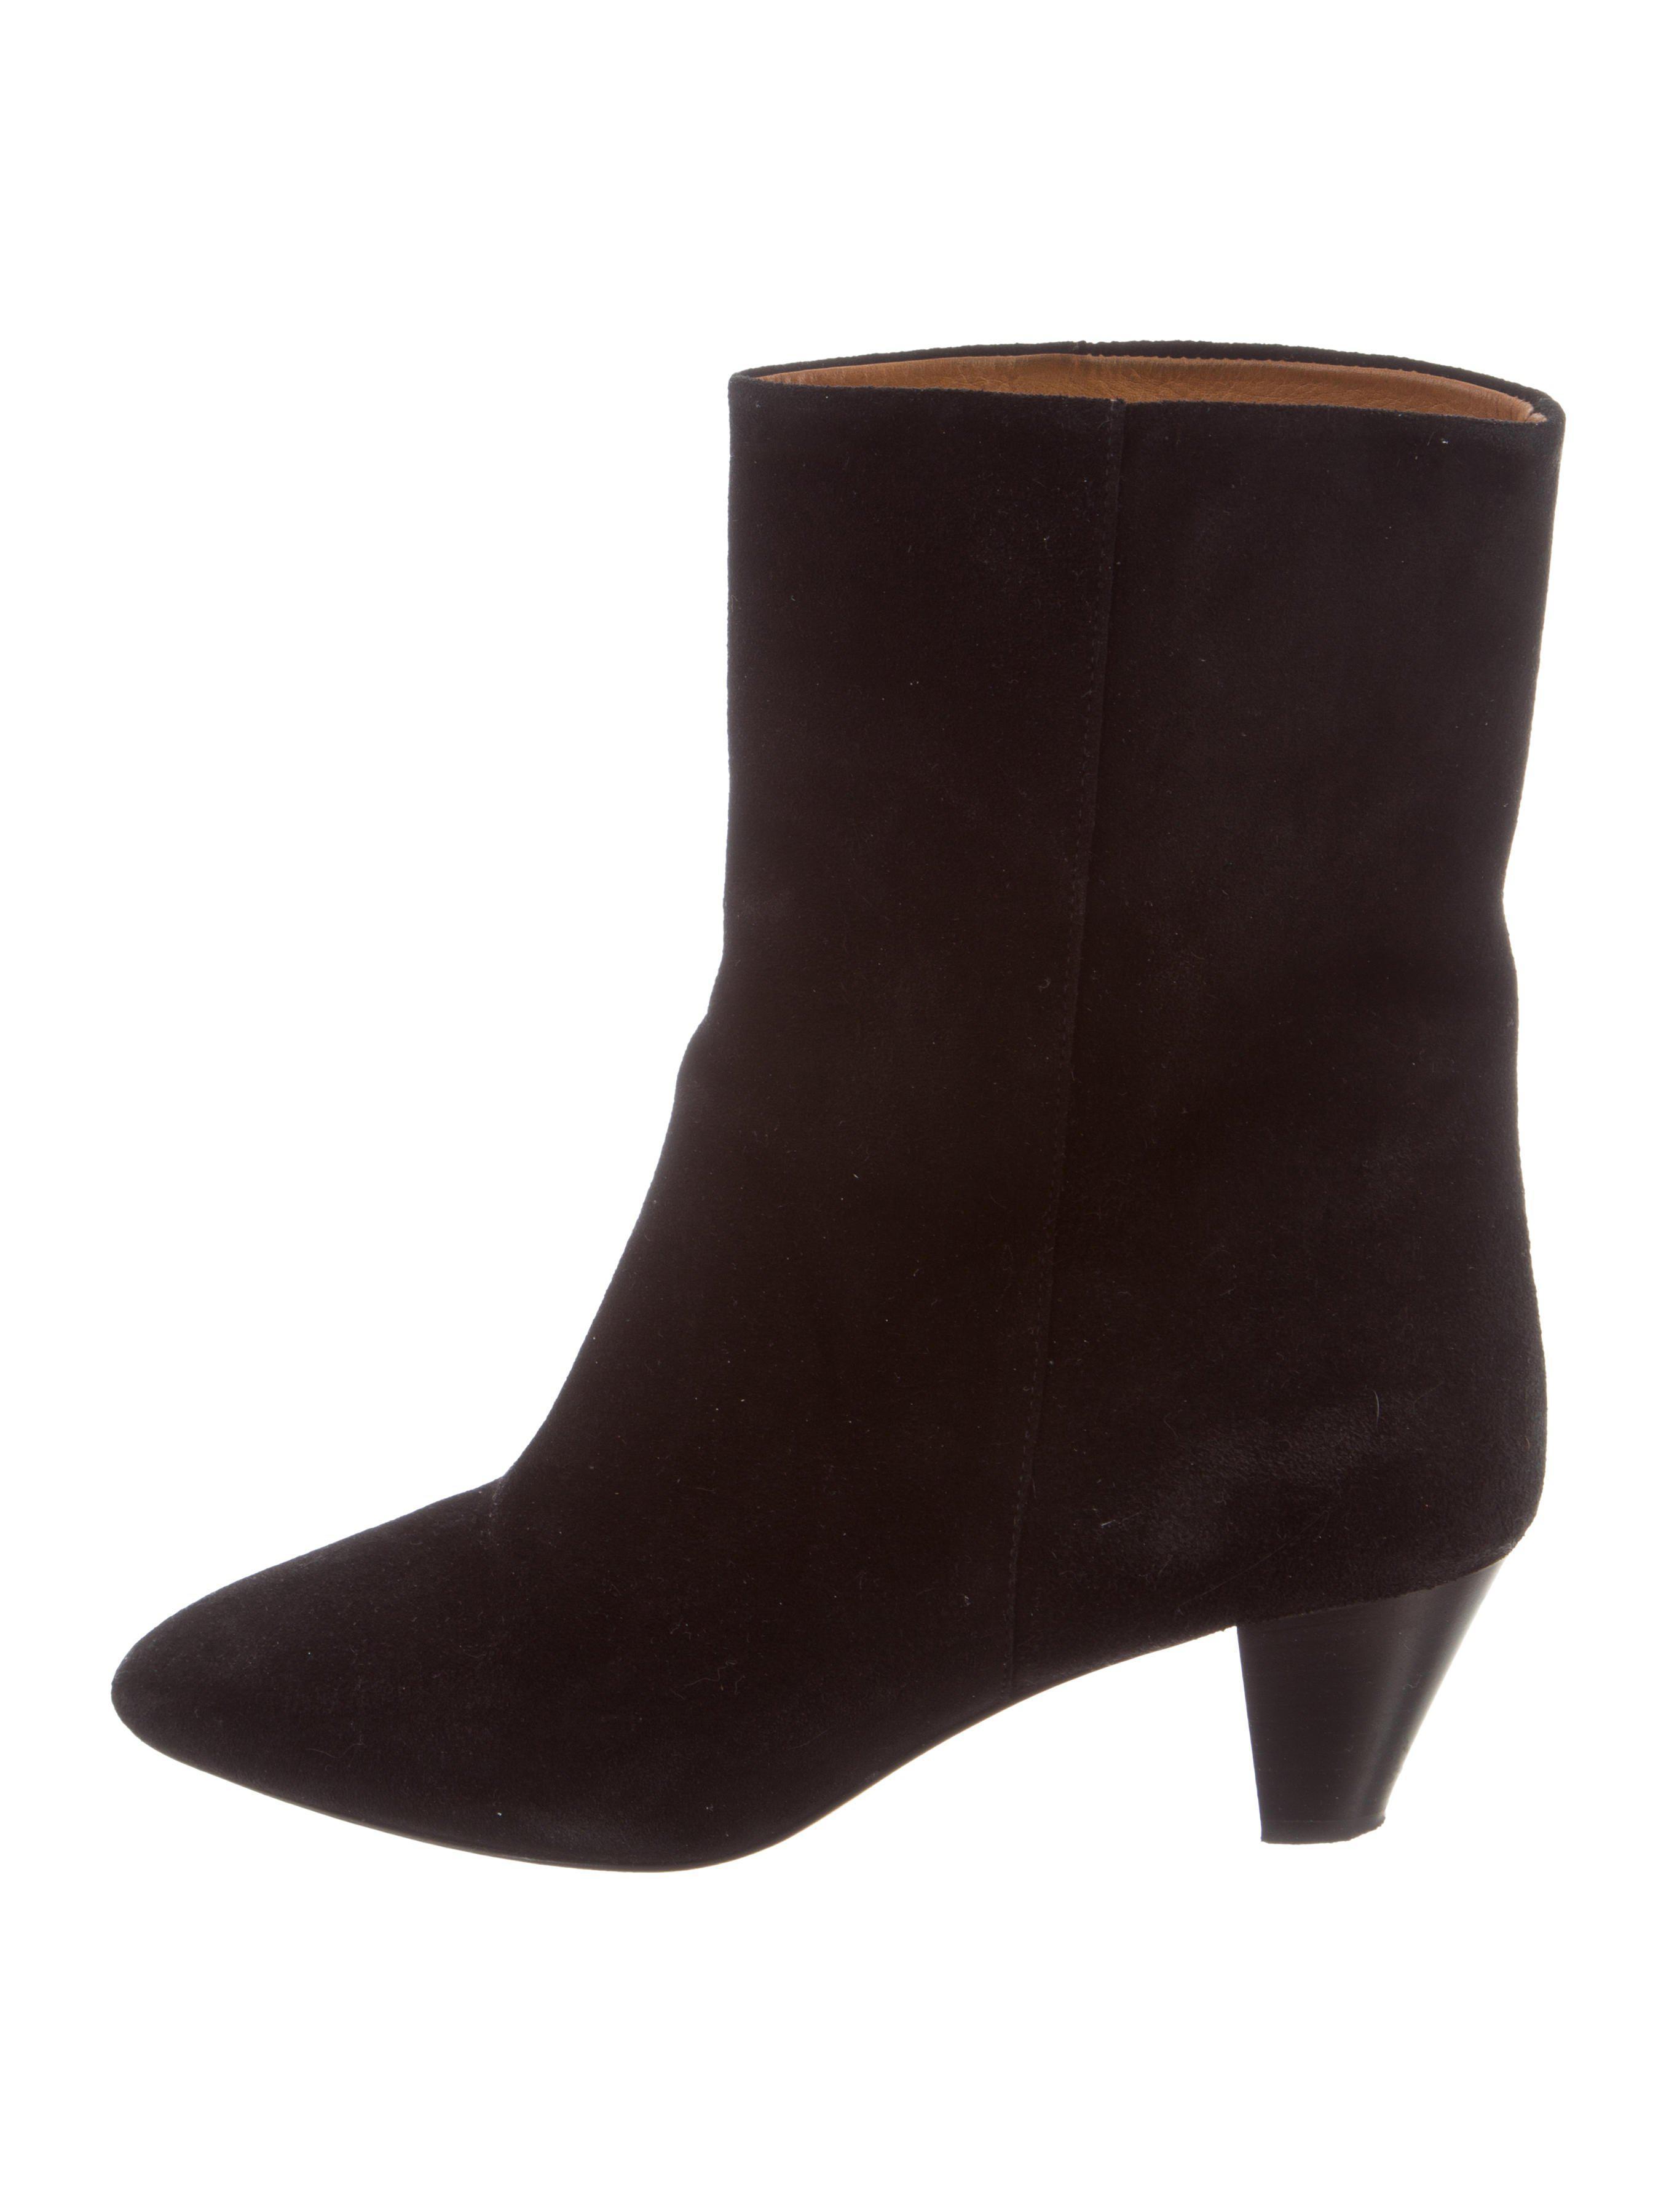 Étoile Isabel Marant Suede Round-Toe Booties discount genuine cheap sale view cheap sale official site ycvcN2QbJ